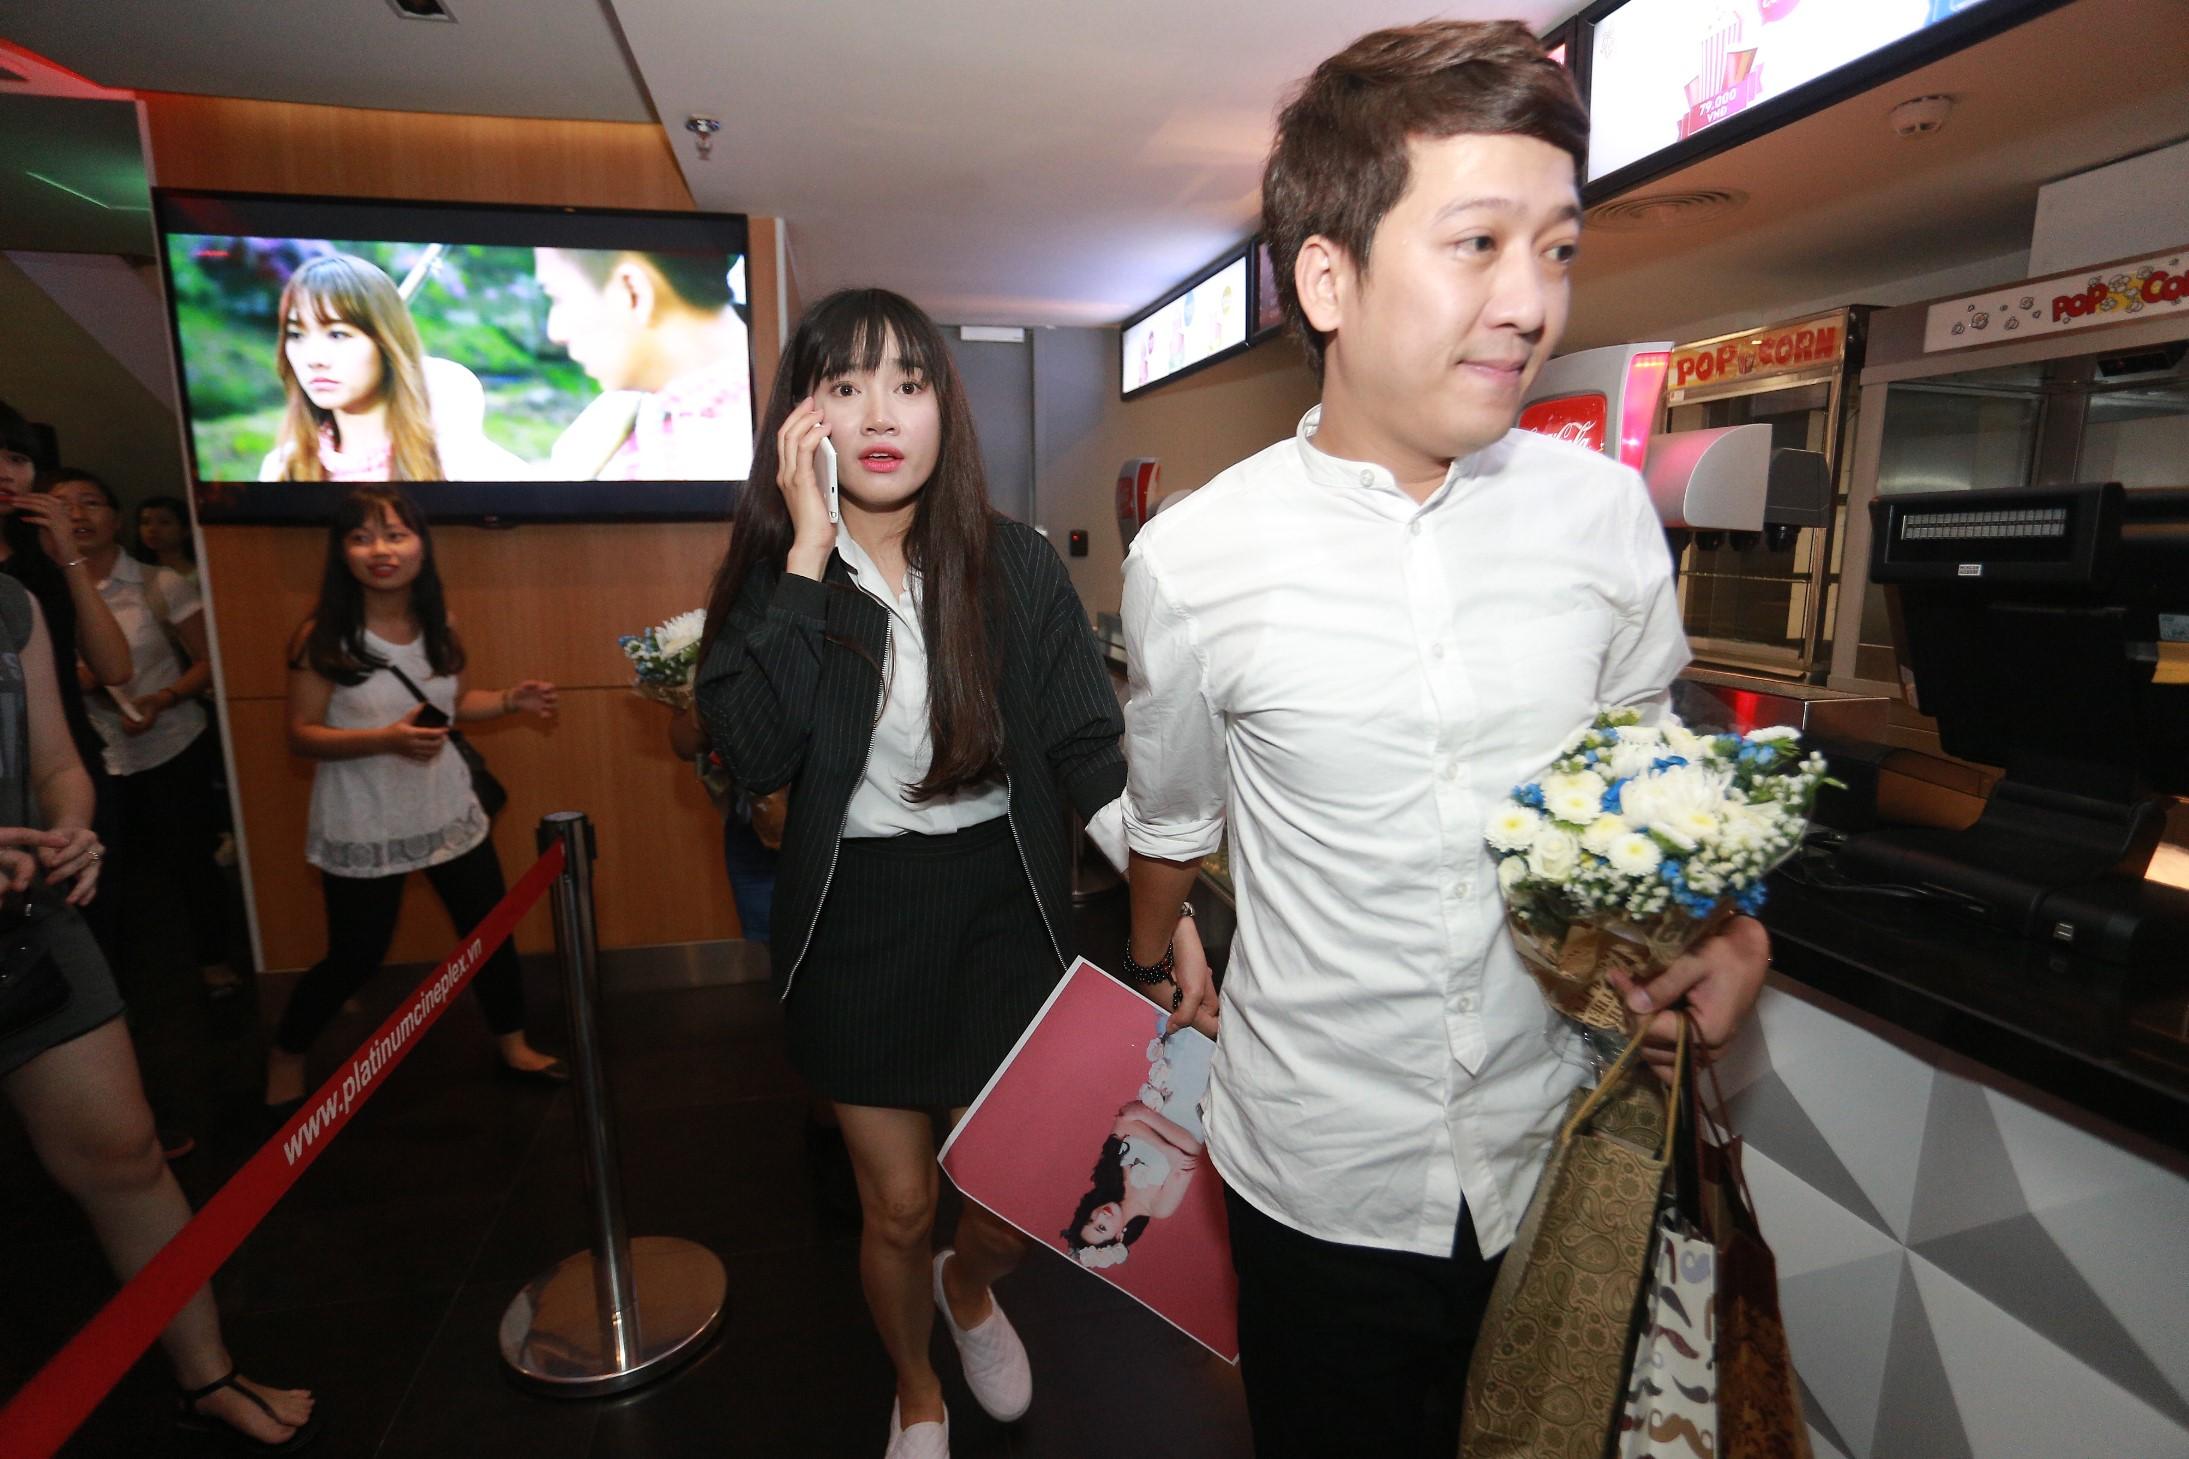 Nhã Phương công khai thừa nhận yêu Trường Giang trên truyền hình